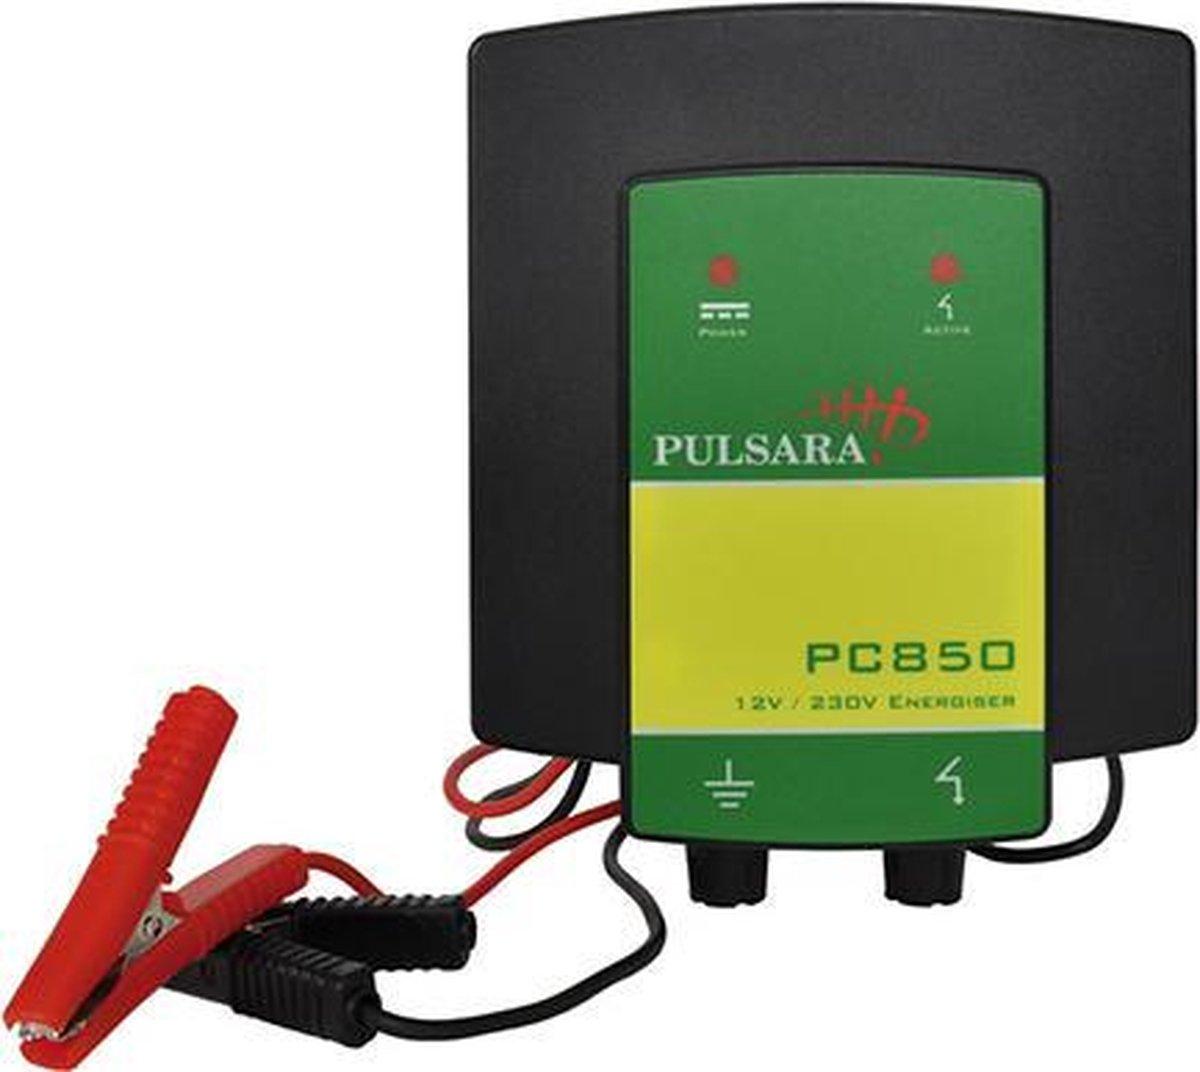 Schrikdraadapparaat Pulsara PC850 12V/230V